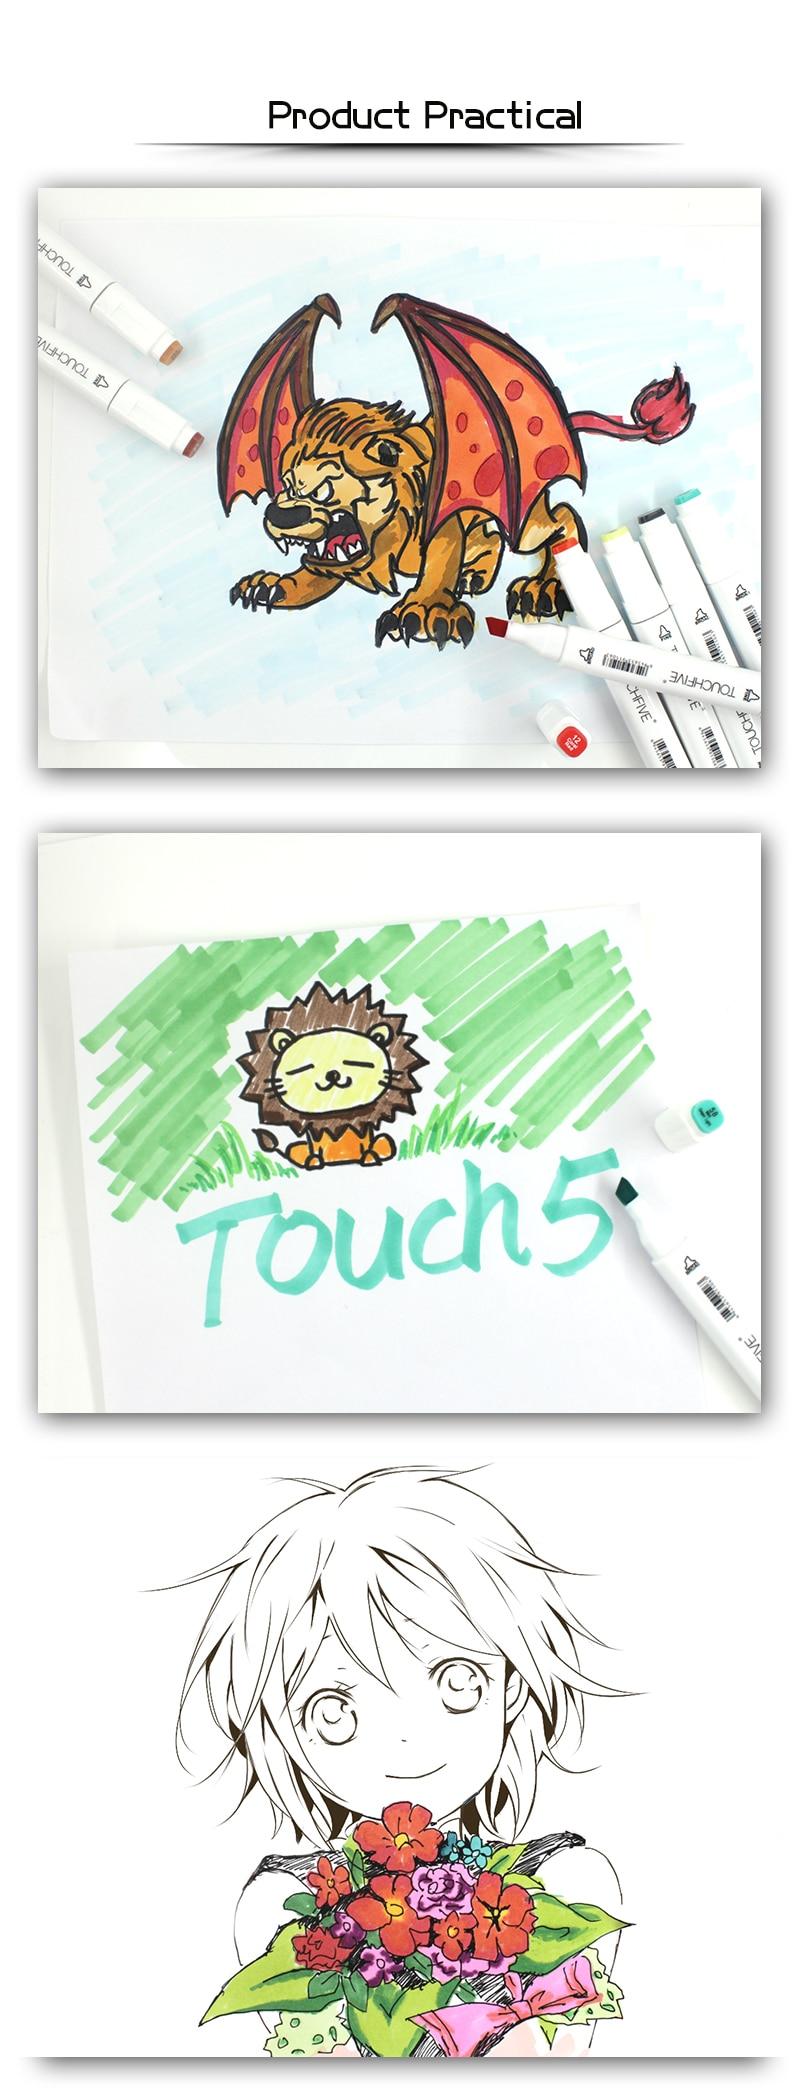 Touchfive marcador 406080168 cores caneta escova alcoólica